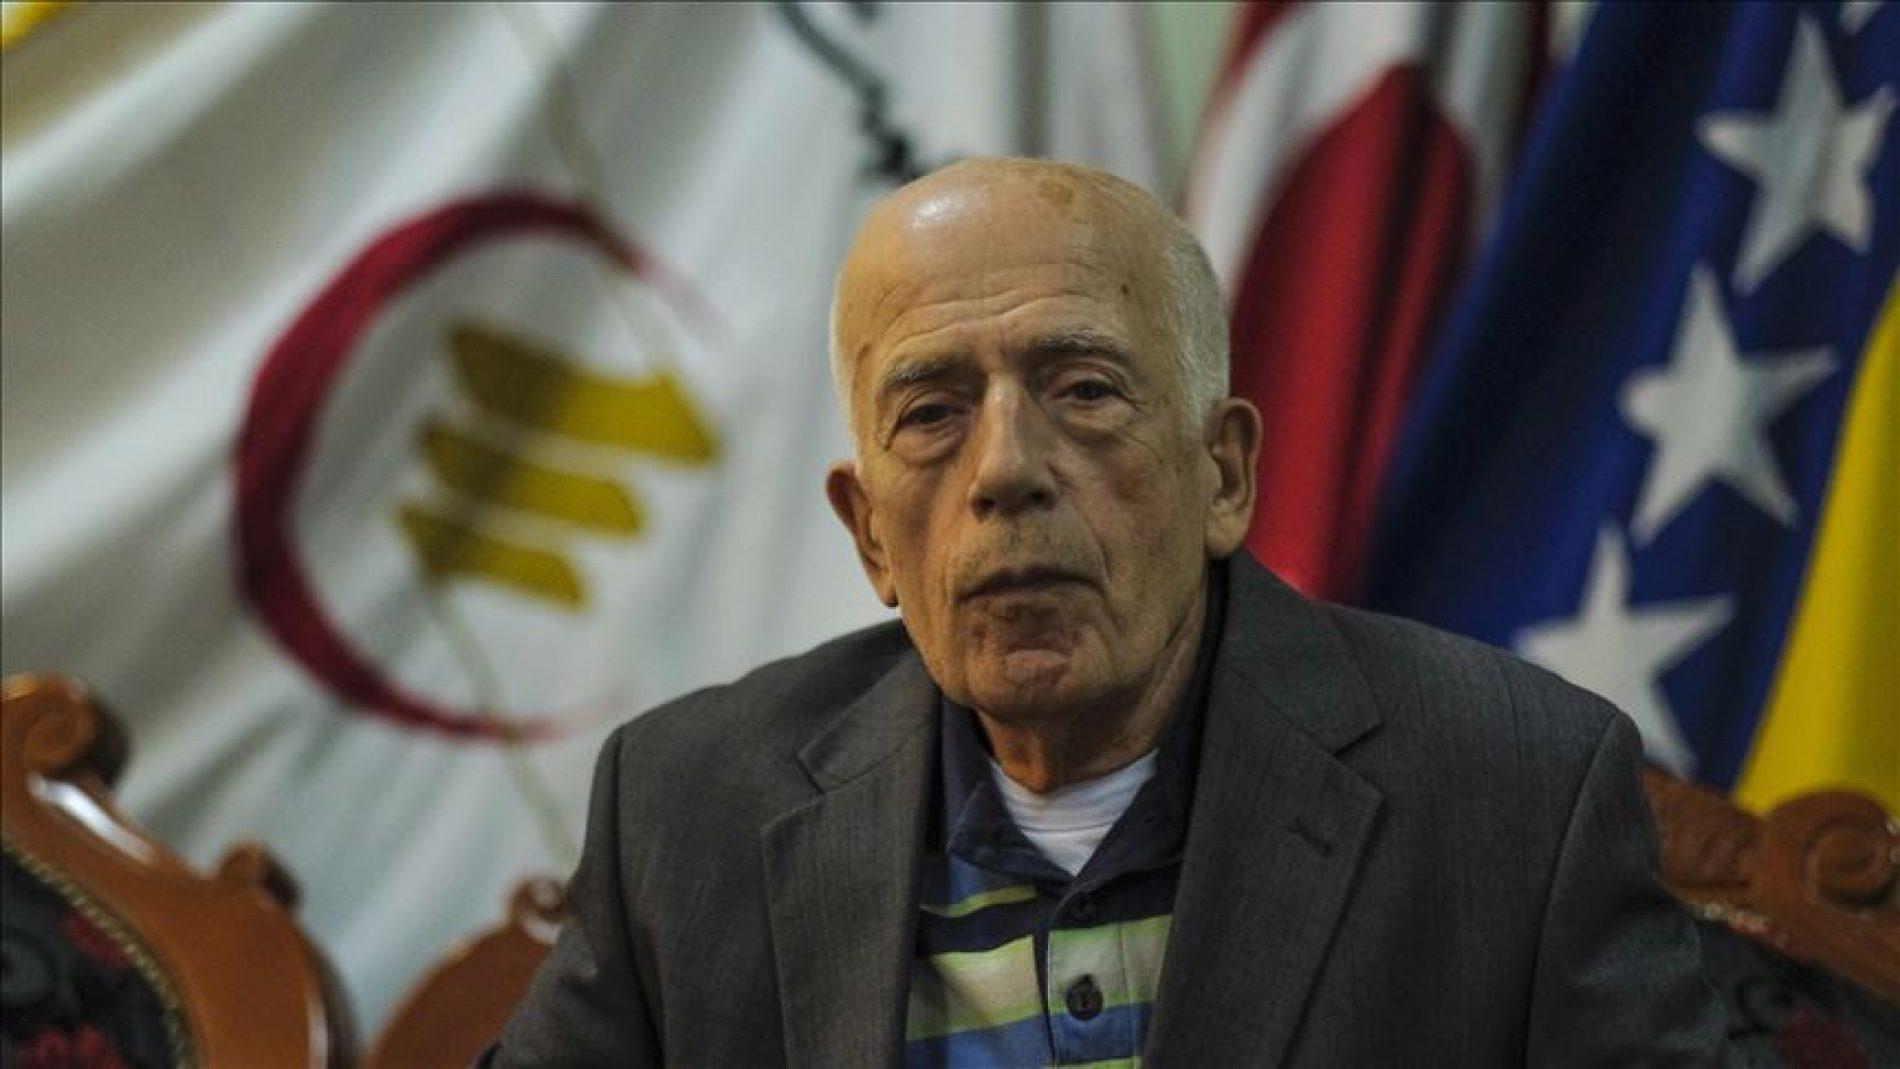 Veliki dobročinitelj Muradif Ćato: Gdje god sam bio, uvijek sam mislio na svoju Bosnu